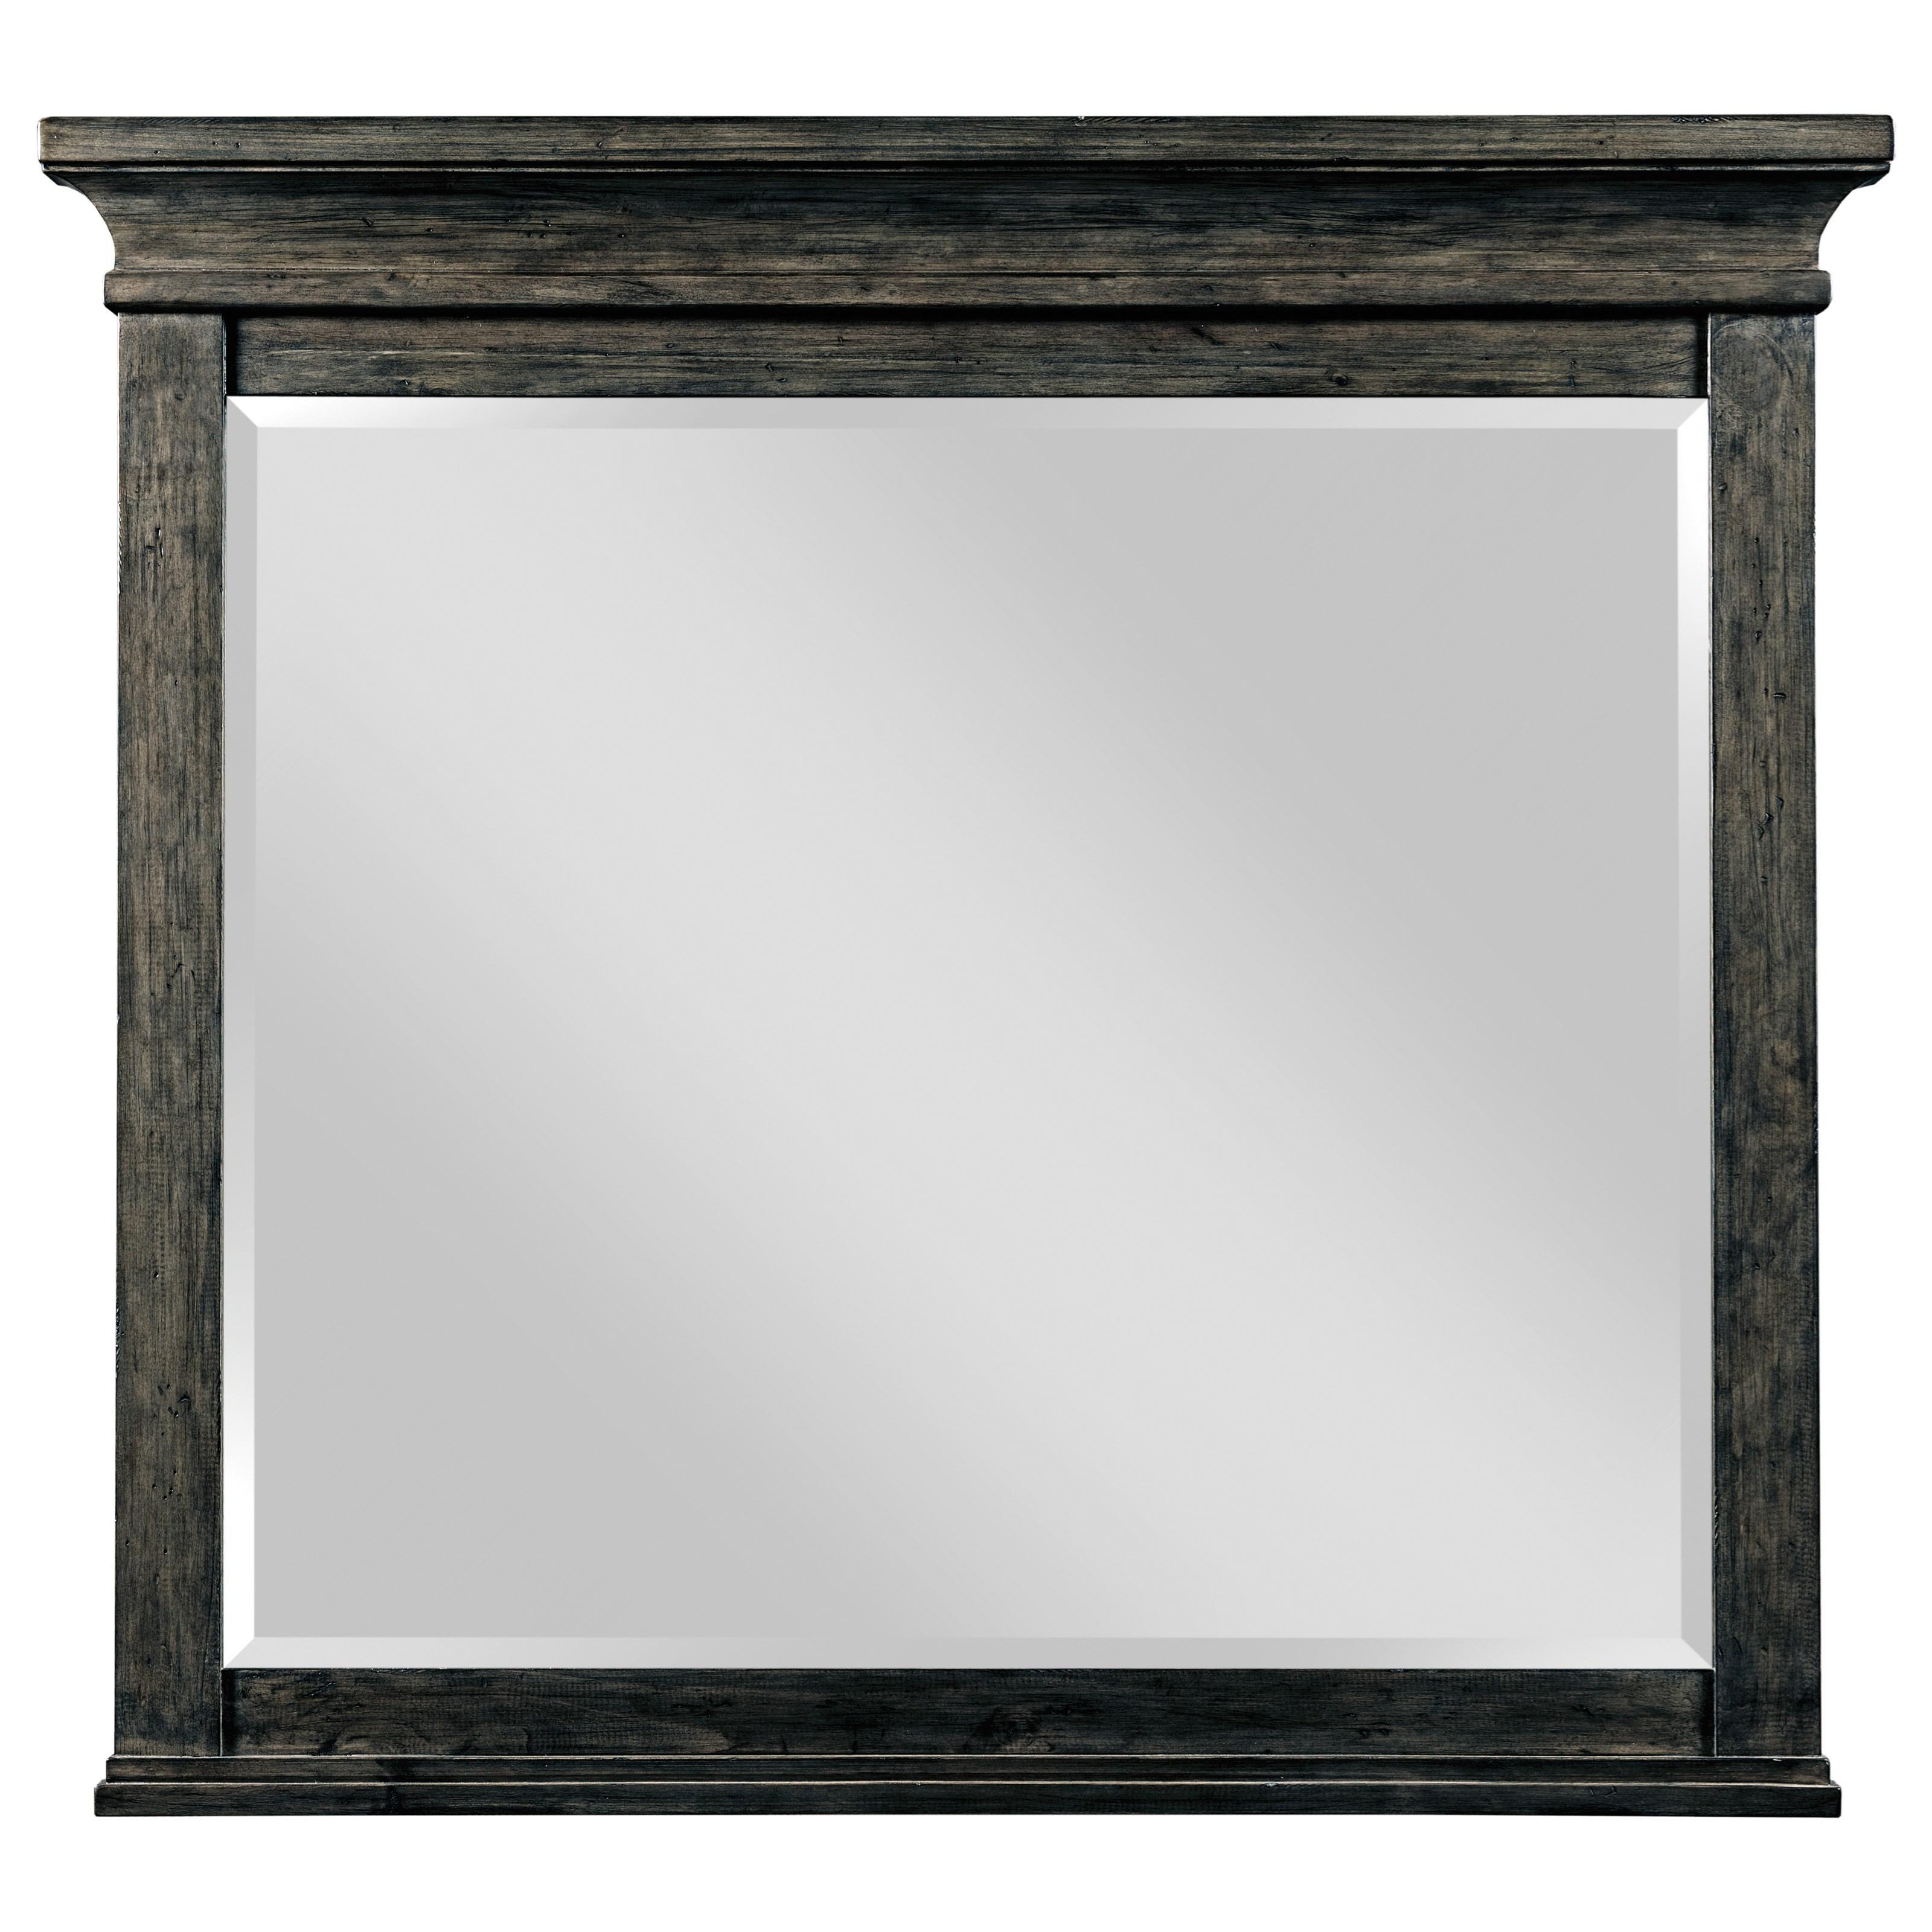 Jessup Dresser Mirror